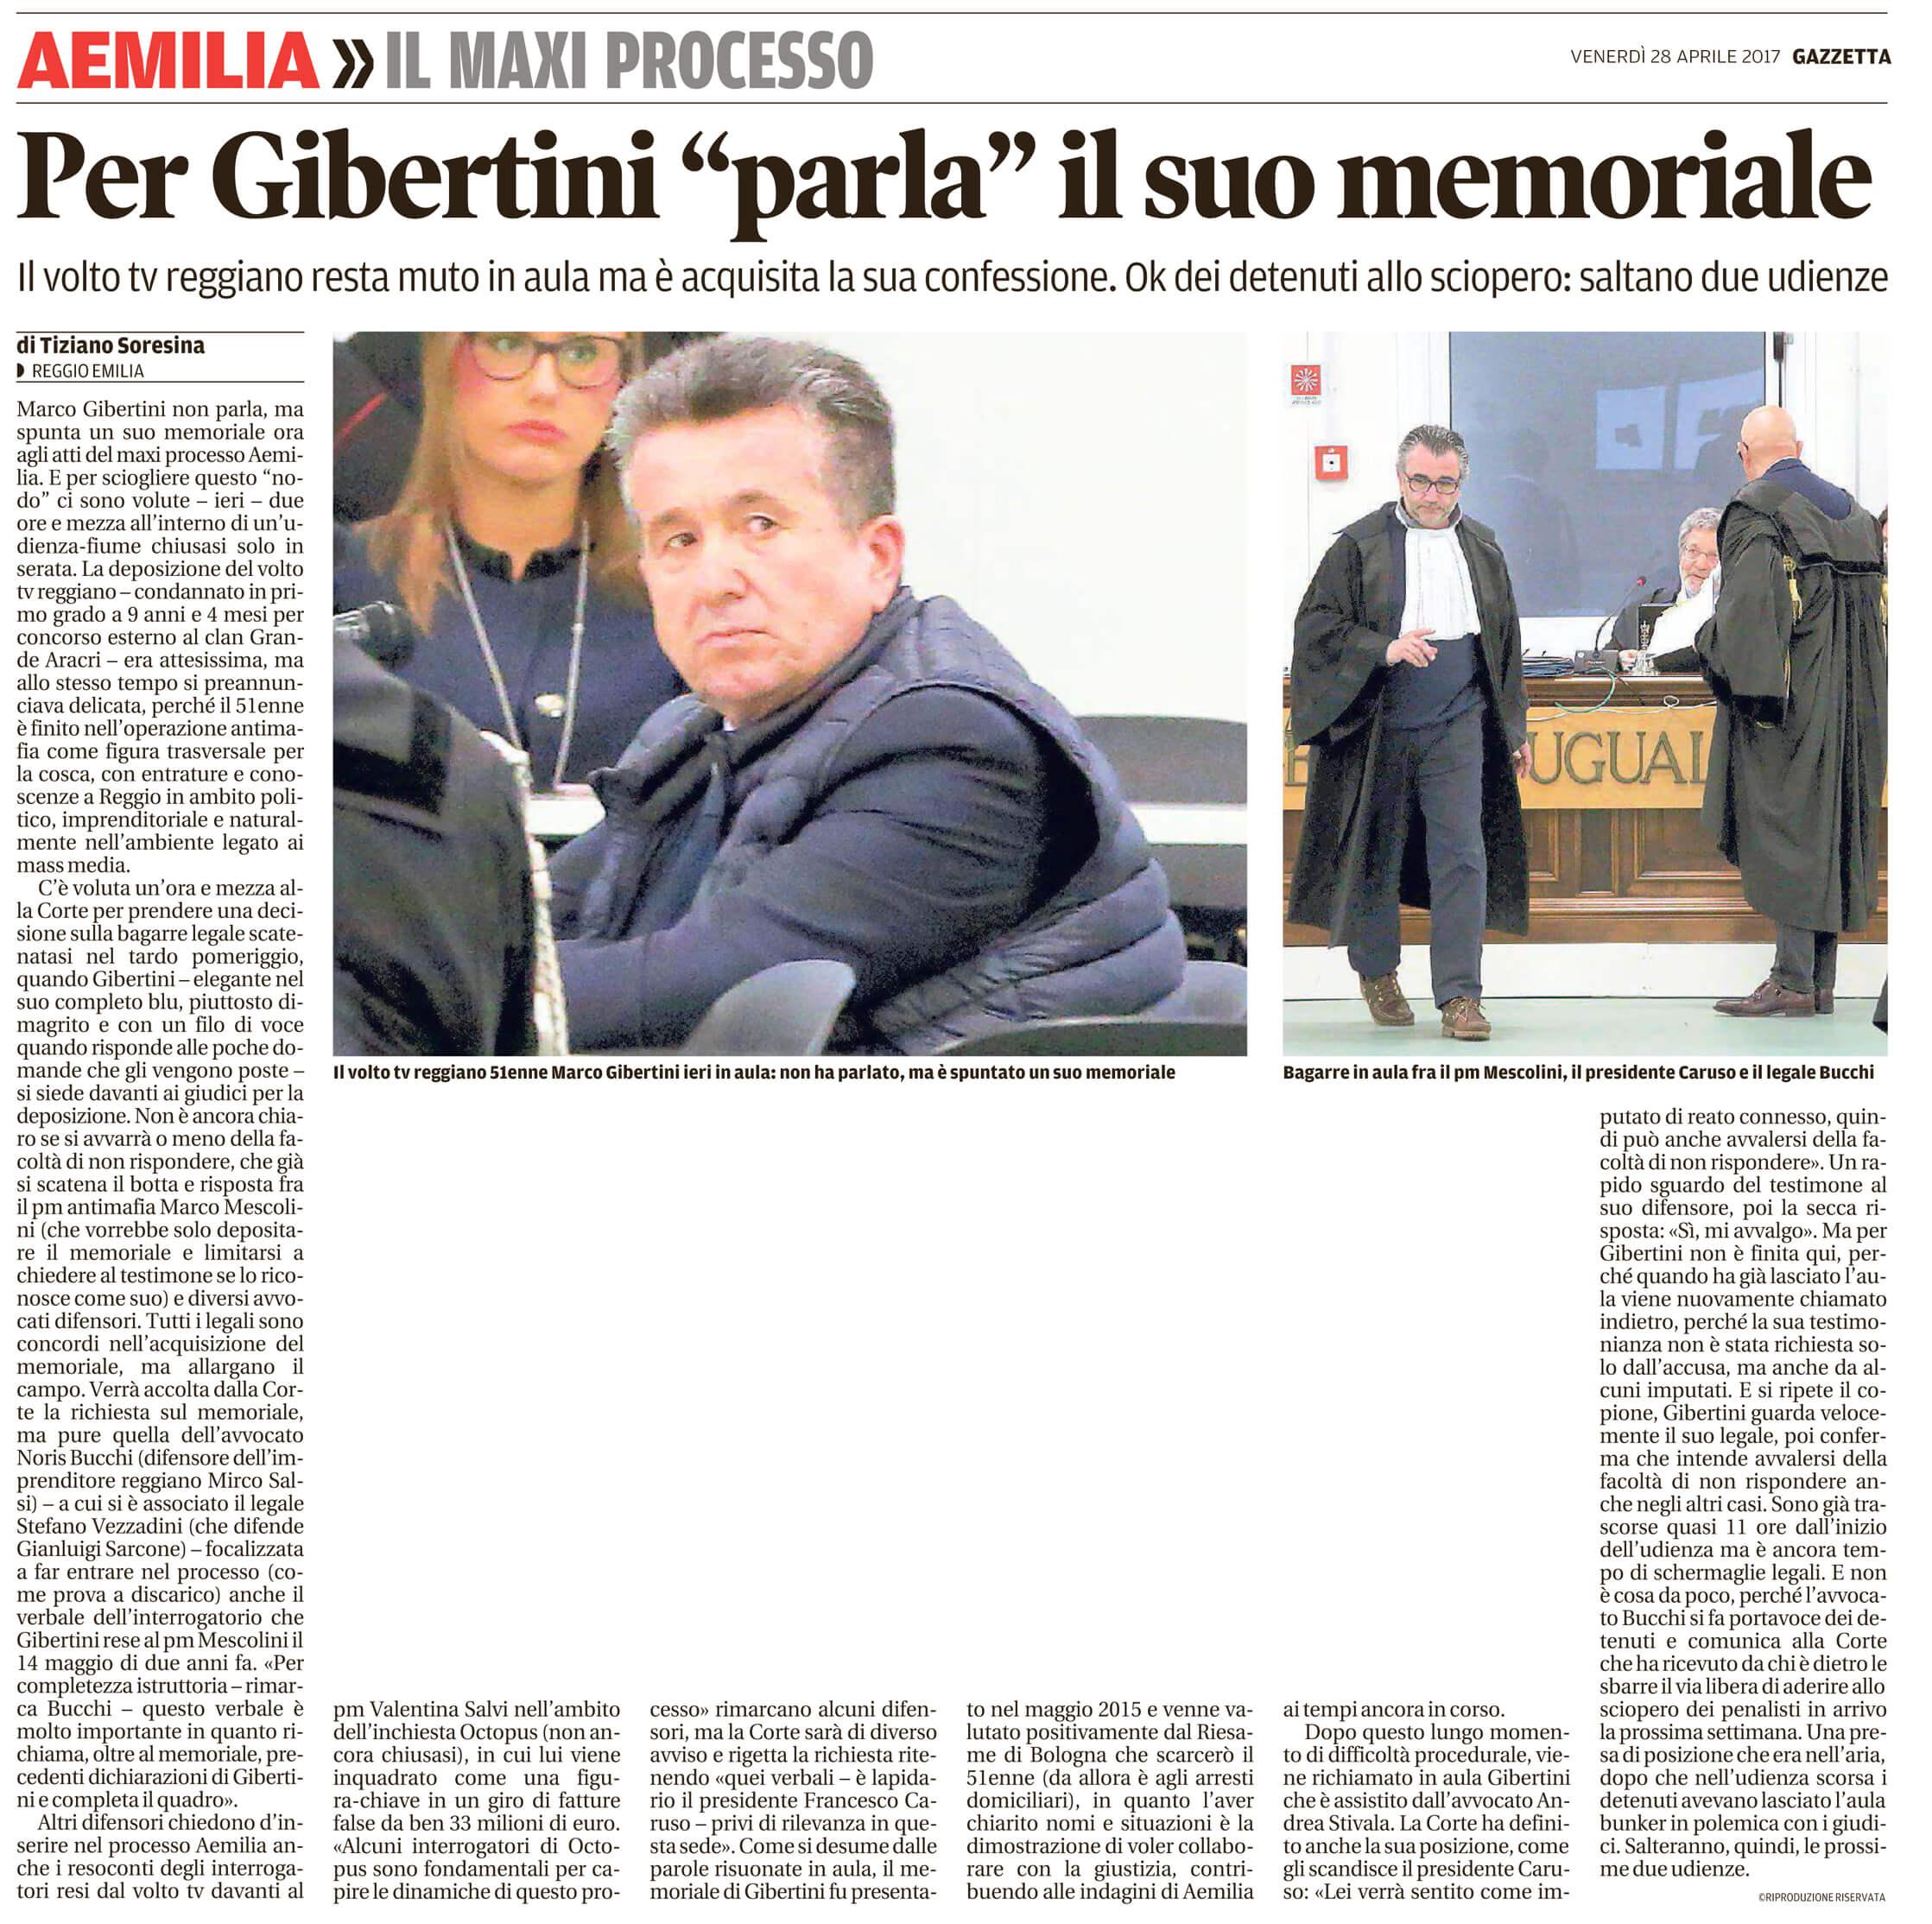 Parla il memoriale di Gibertini